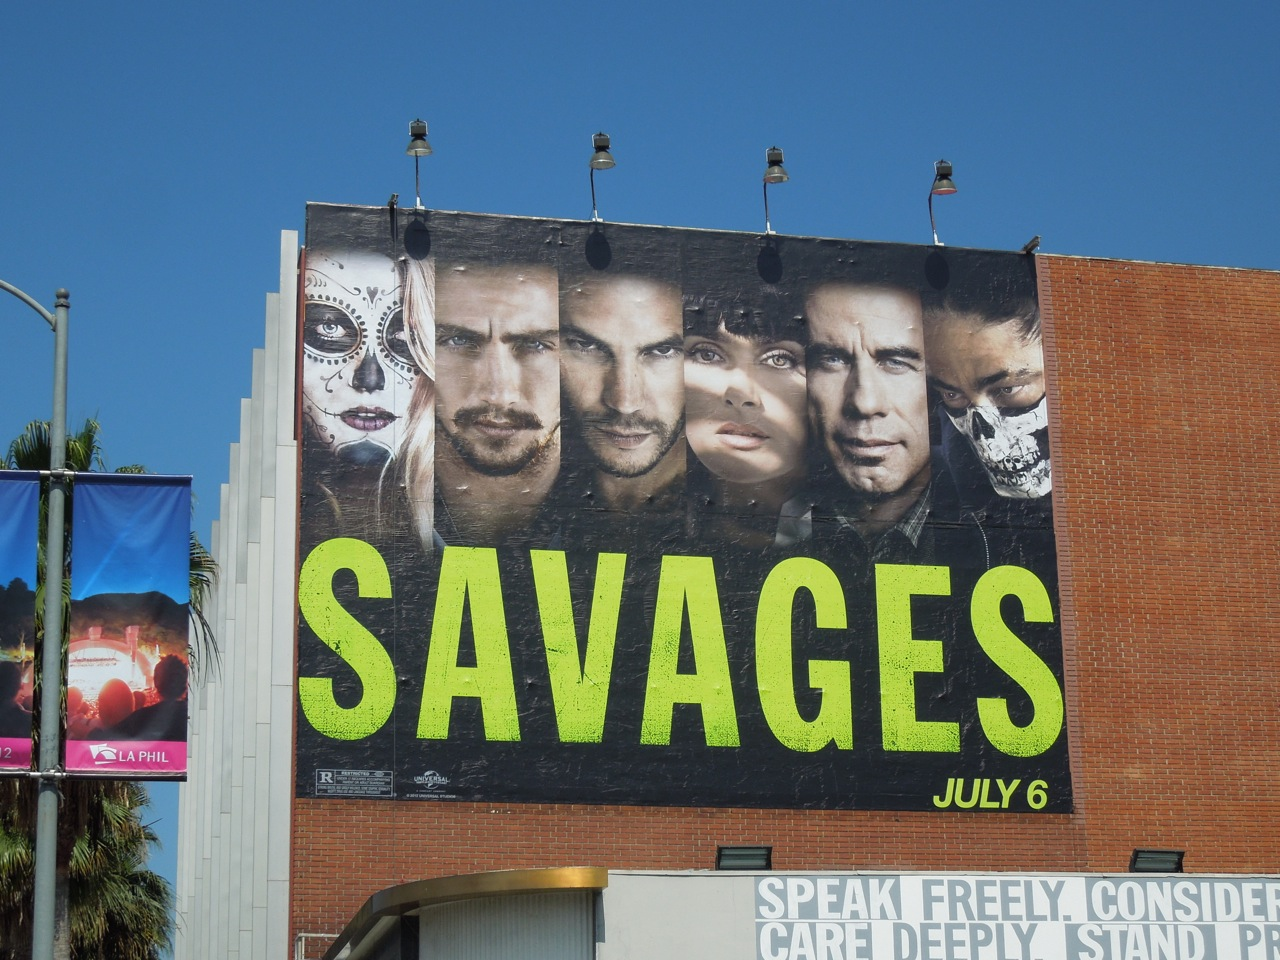 http://2.bp.blogspot.com/-fgHrF2RDgCY/UBCvaHZigNI/AAAAAAAAudQ/nTLNS_6CxQM/s1600/Savages+billboard.jpg